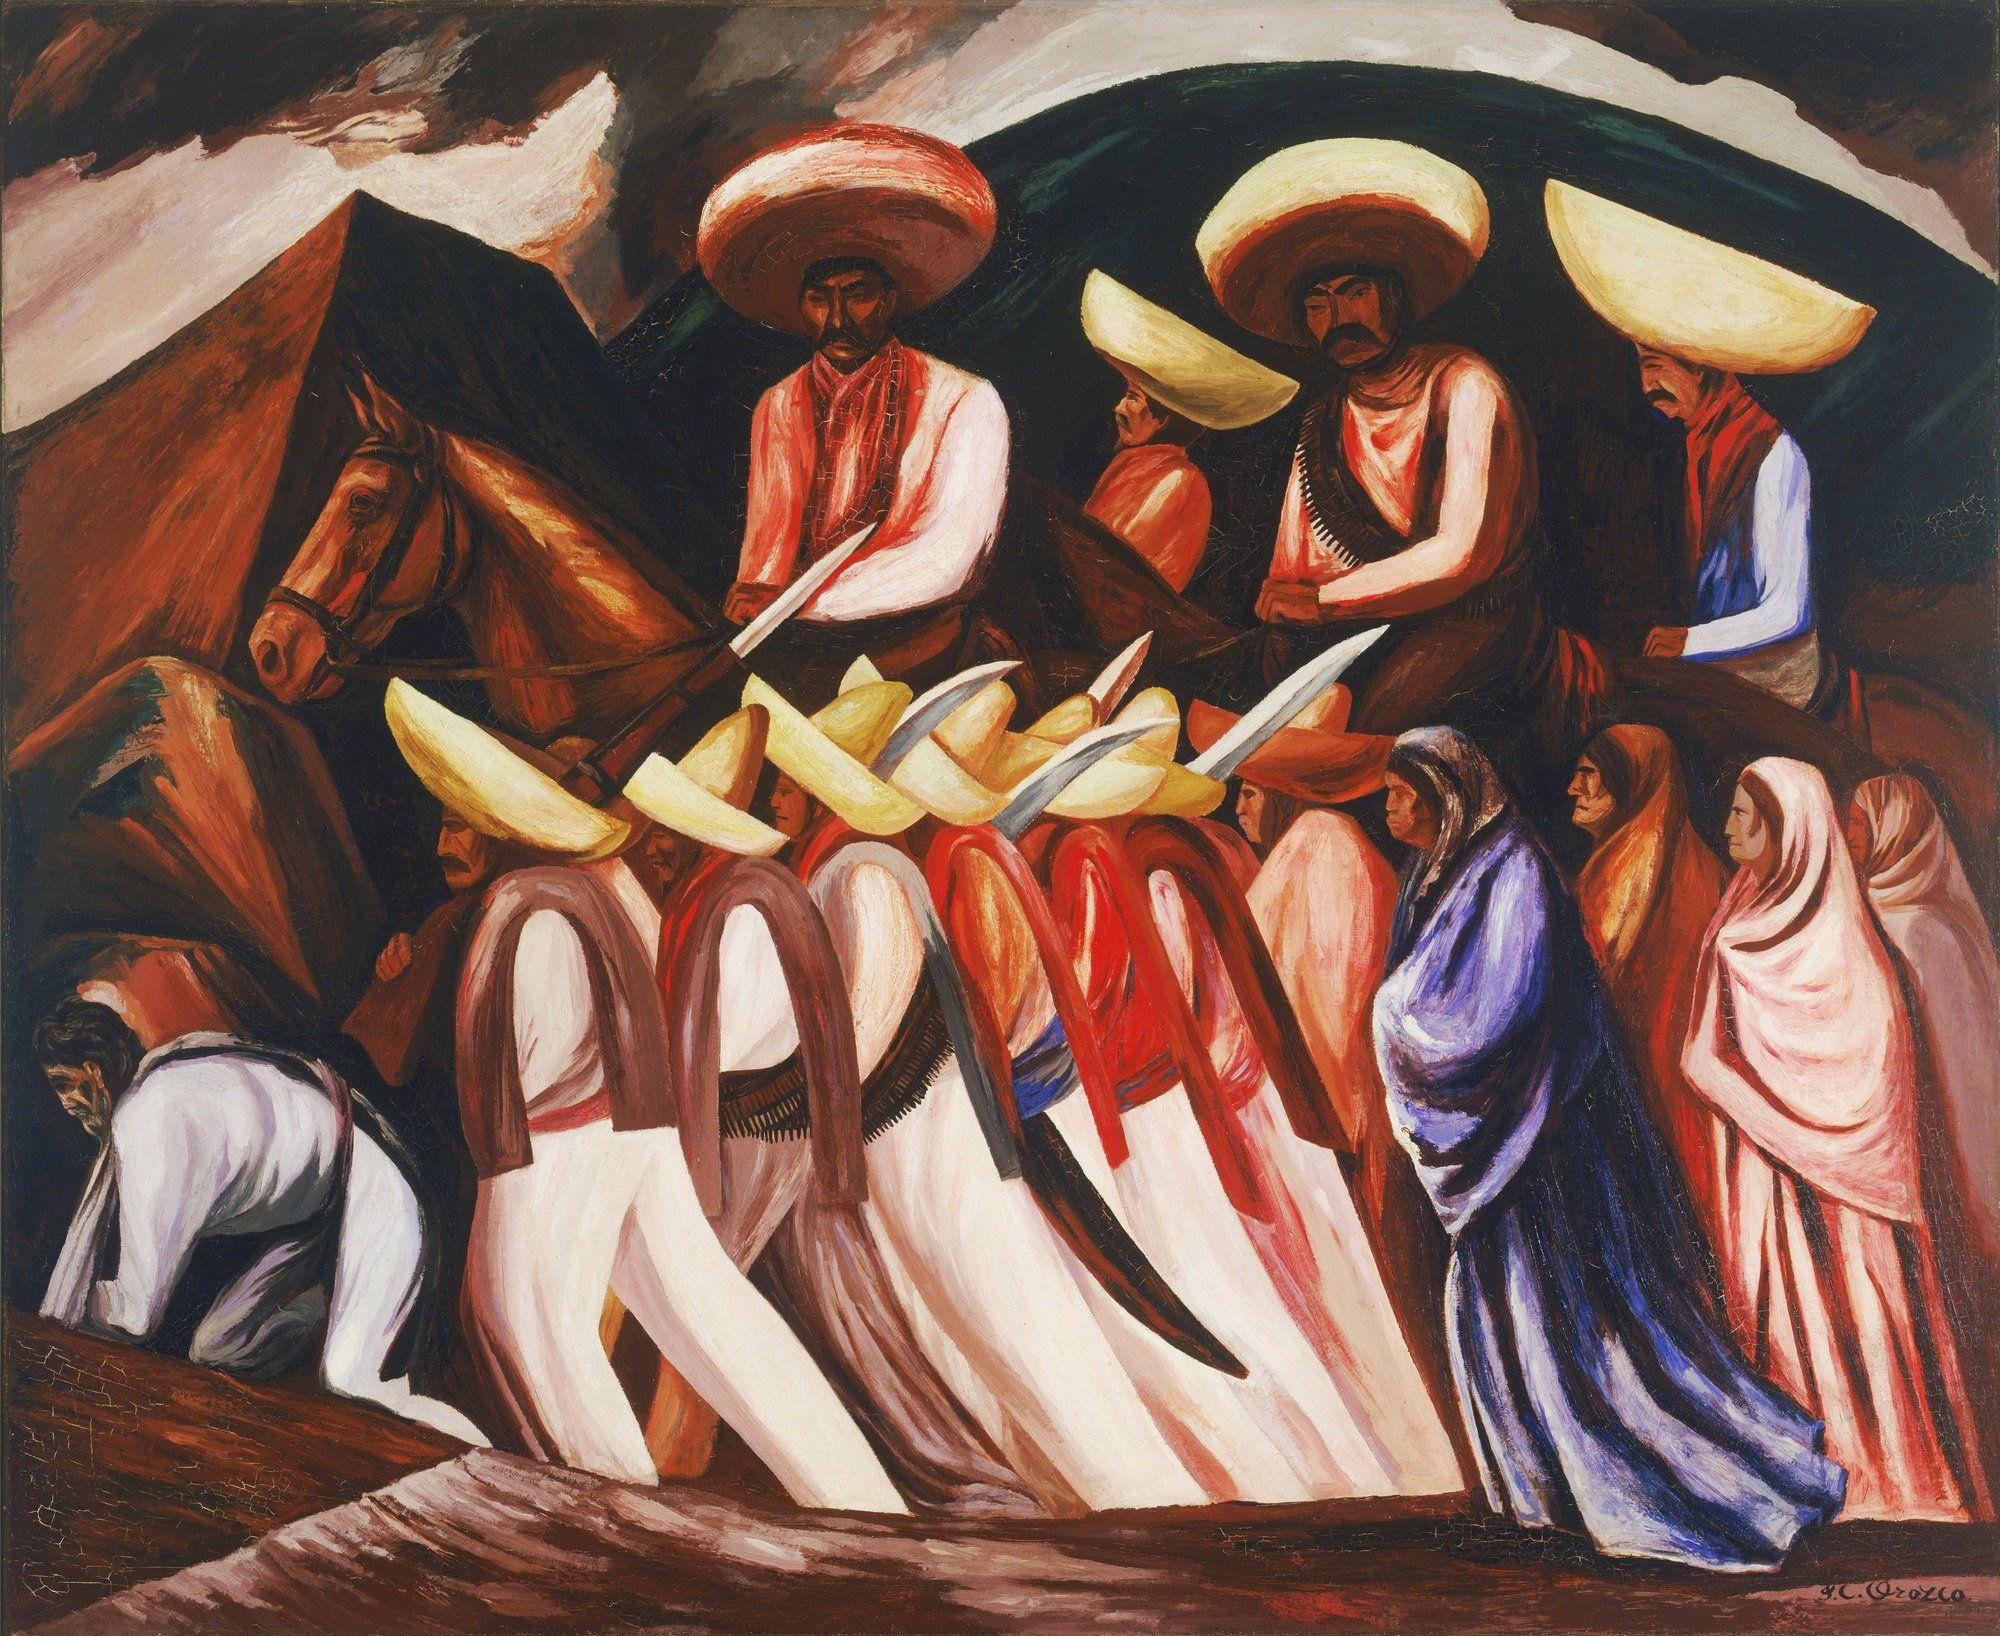 Jose Clemente Orozco Zapatistas 1931 Clemente Orozco Murales